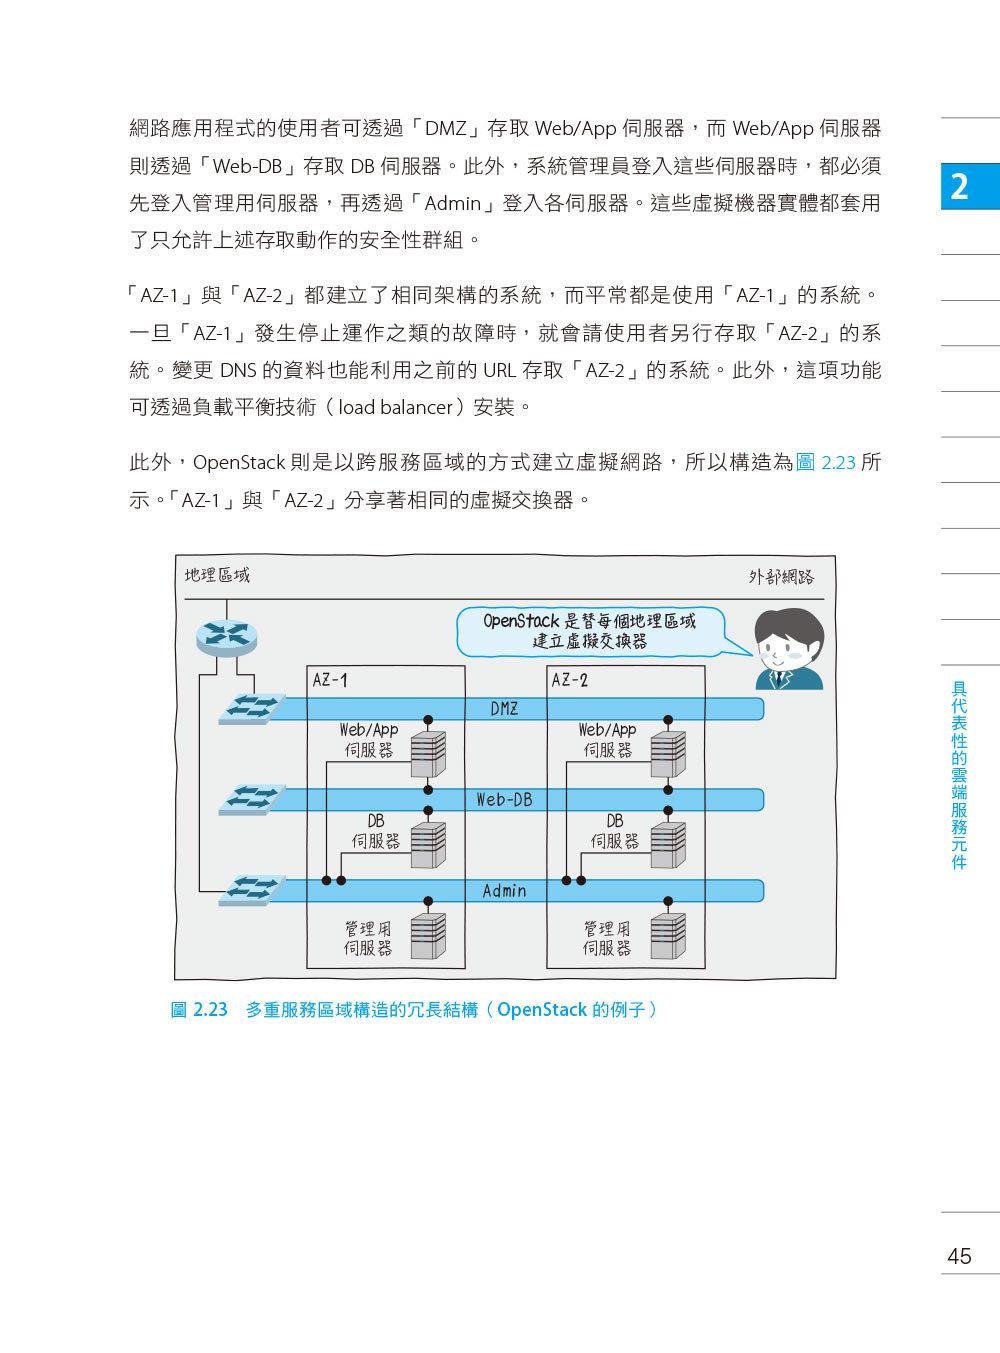 圖解雲端技術|基礎架構x運作原理 x API-preview-9